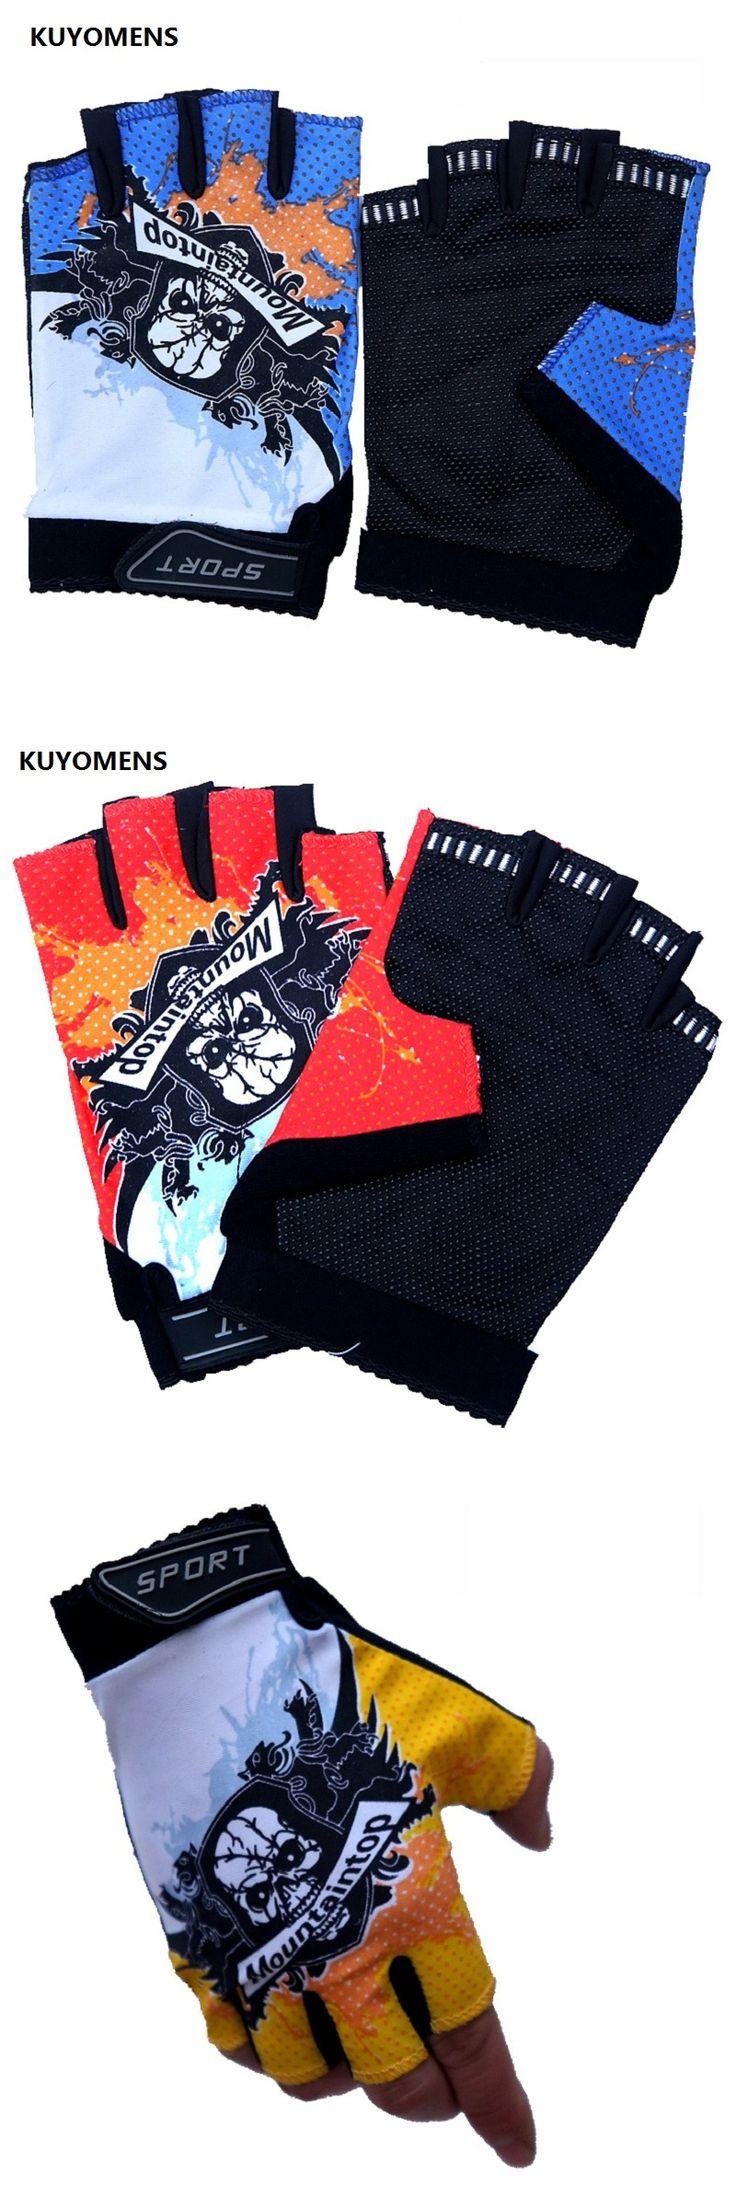 KUYOMENS Unisex Sports Fitness Gloves Exercise Gym Gloves Half Finger Gloves Multi function Glove